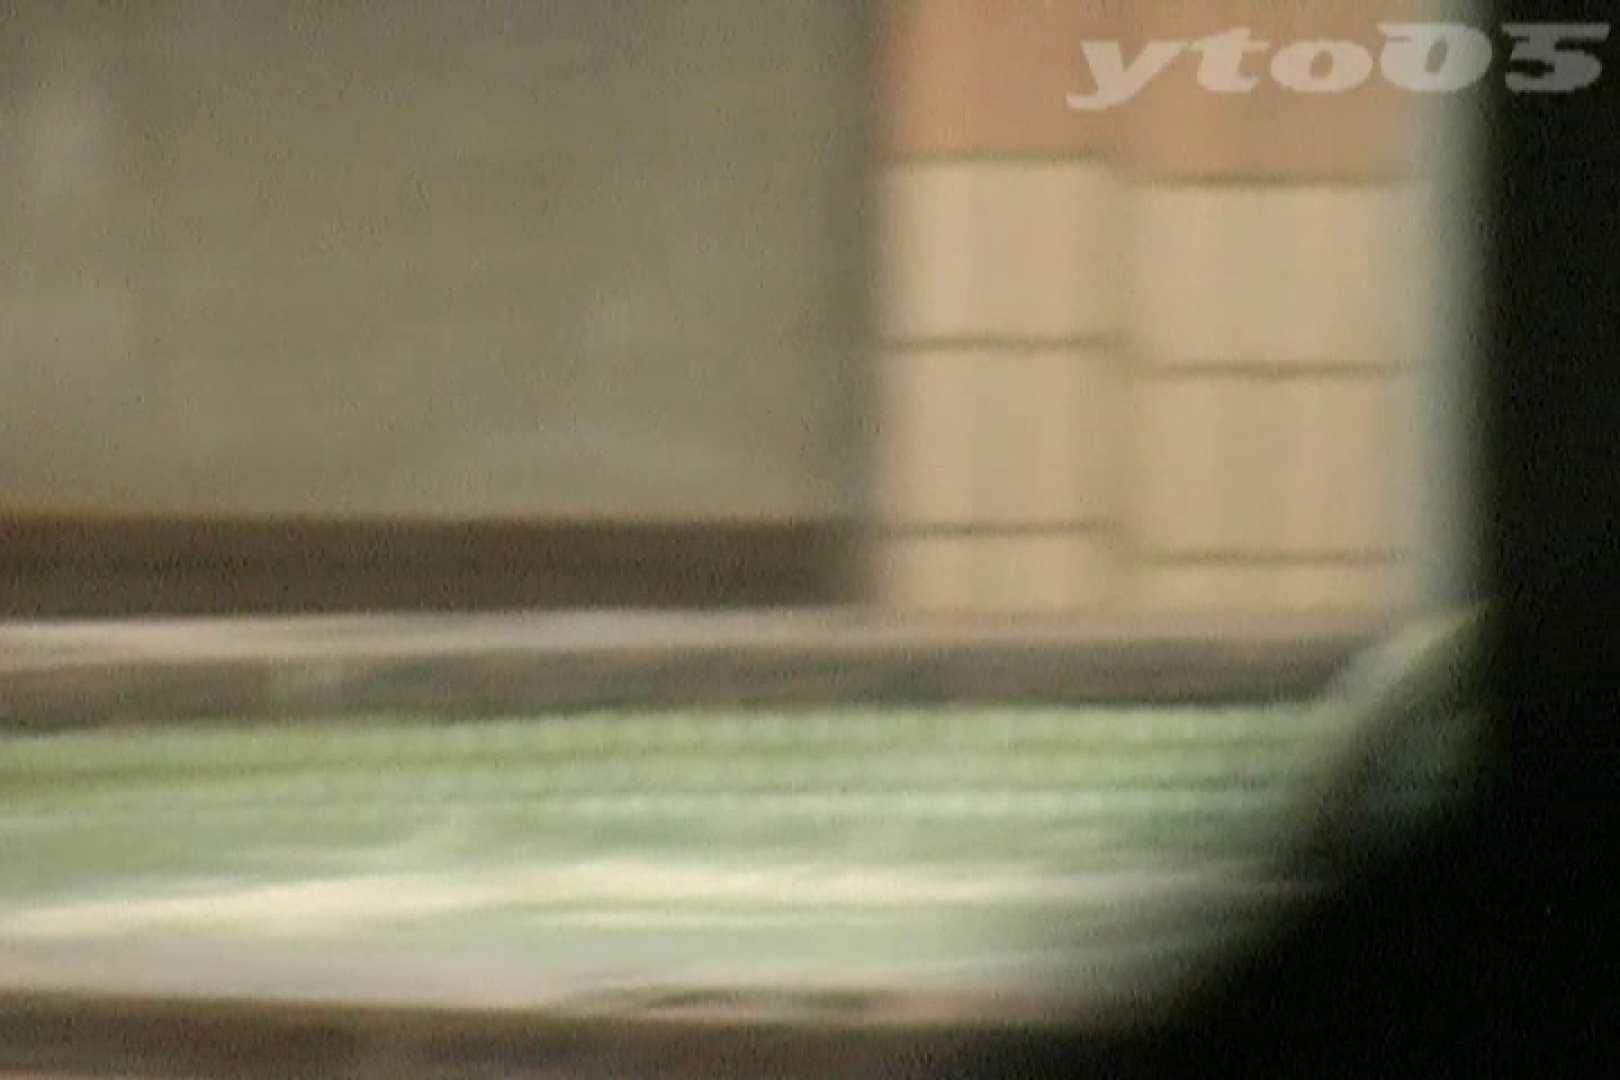 ▲復活限定▲合宿ホテル女風呂盗撮 Vol.29 盗撮 | OLのボディ  91PIX 19